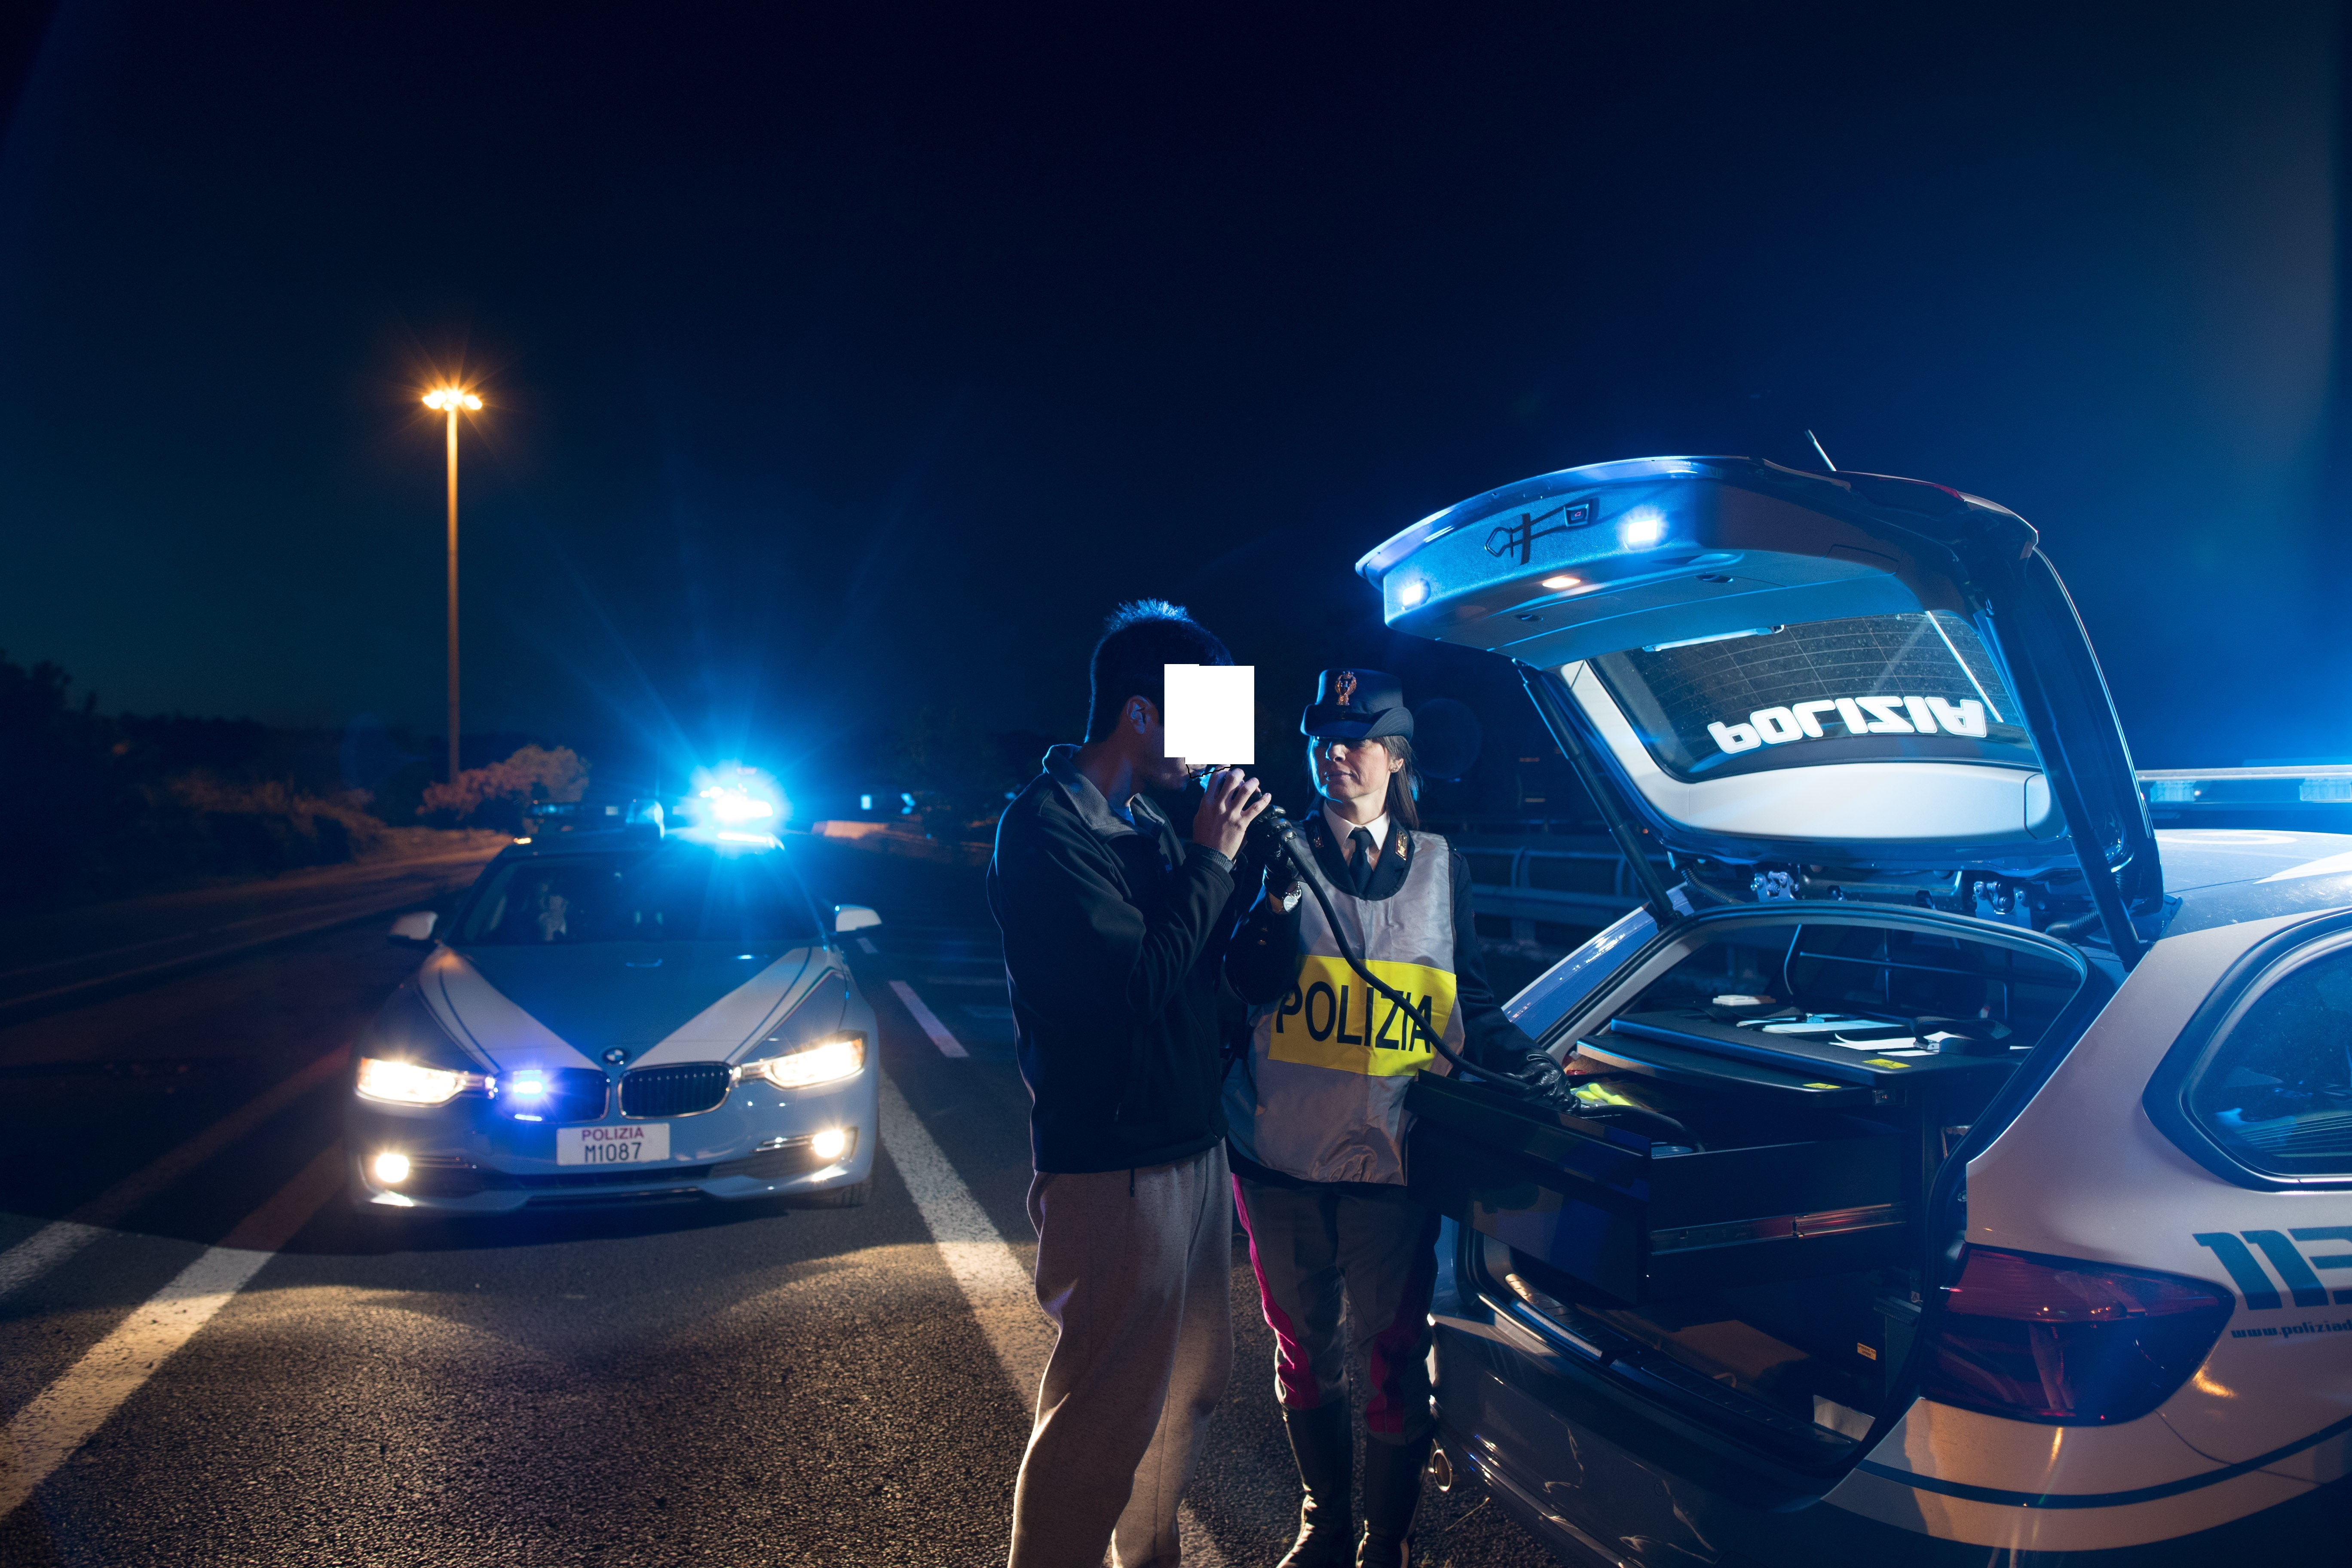 Controlli della Polizia stradale di Avezzano: in una notte ritirate 9 patenti, decurtati 95 punti e una persona positiva al test della droga